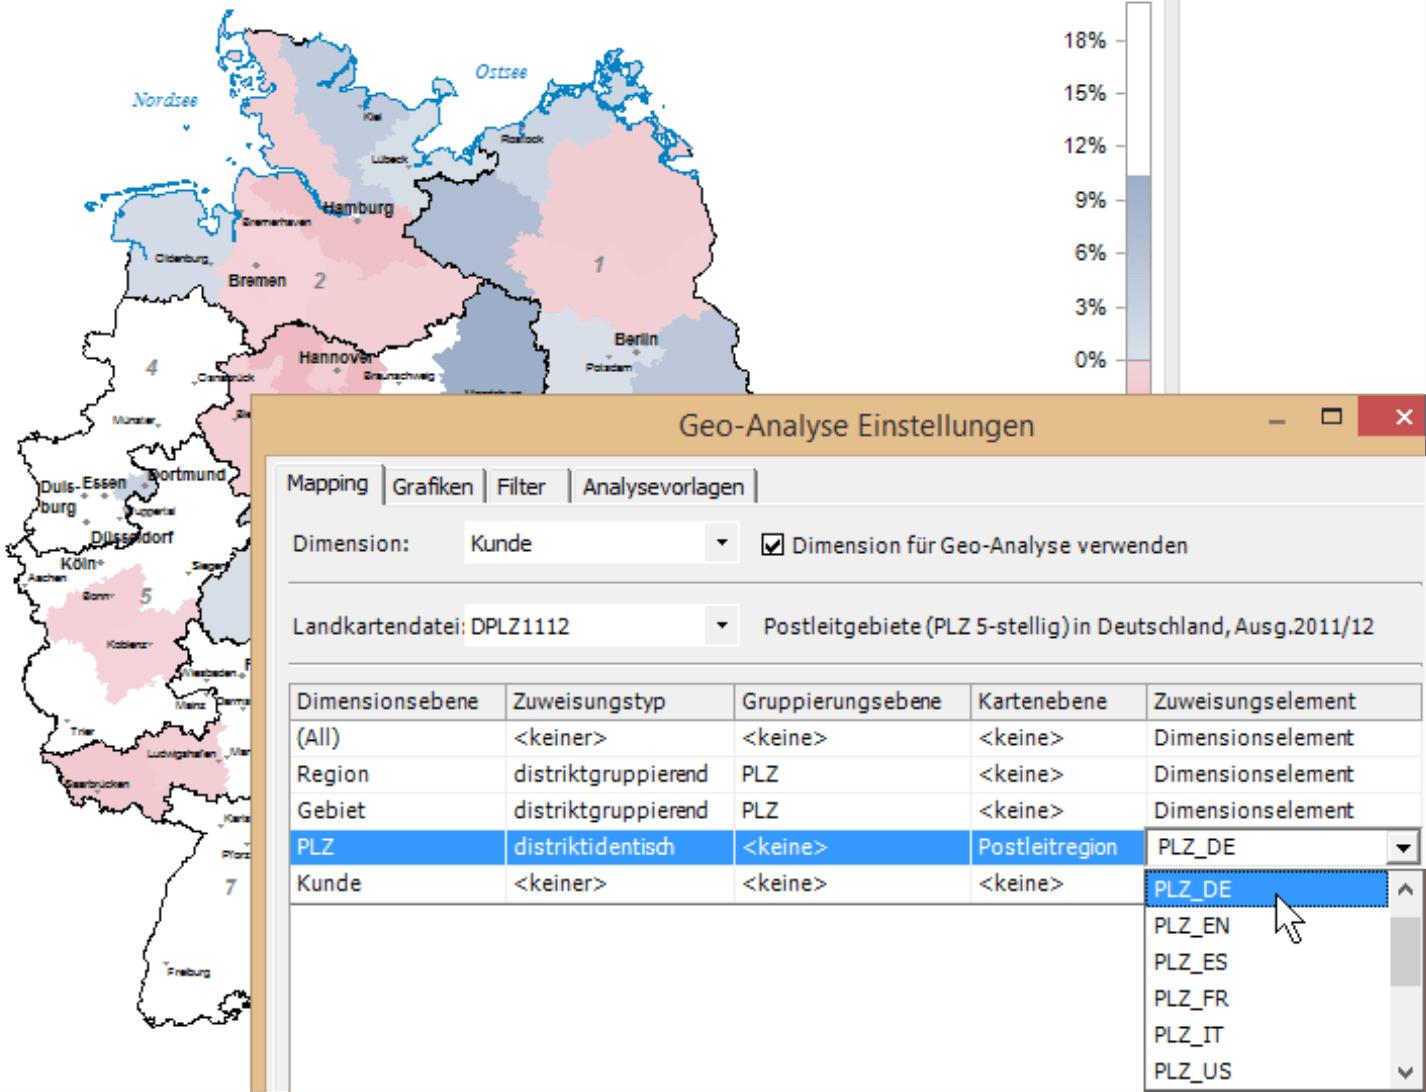 Geo-Analyse Einstellungen mit der Registerkarte Mapping, über die DeltaMaster eine Verknüpfung zwischen Landkarte und Organisationseinheit herstellen kann